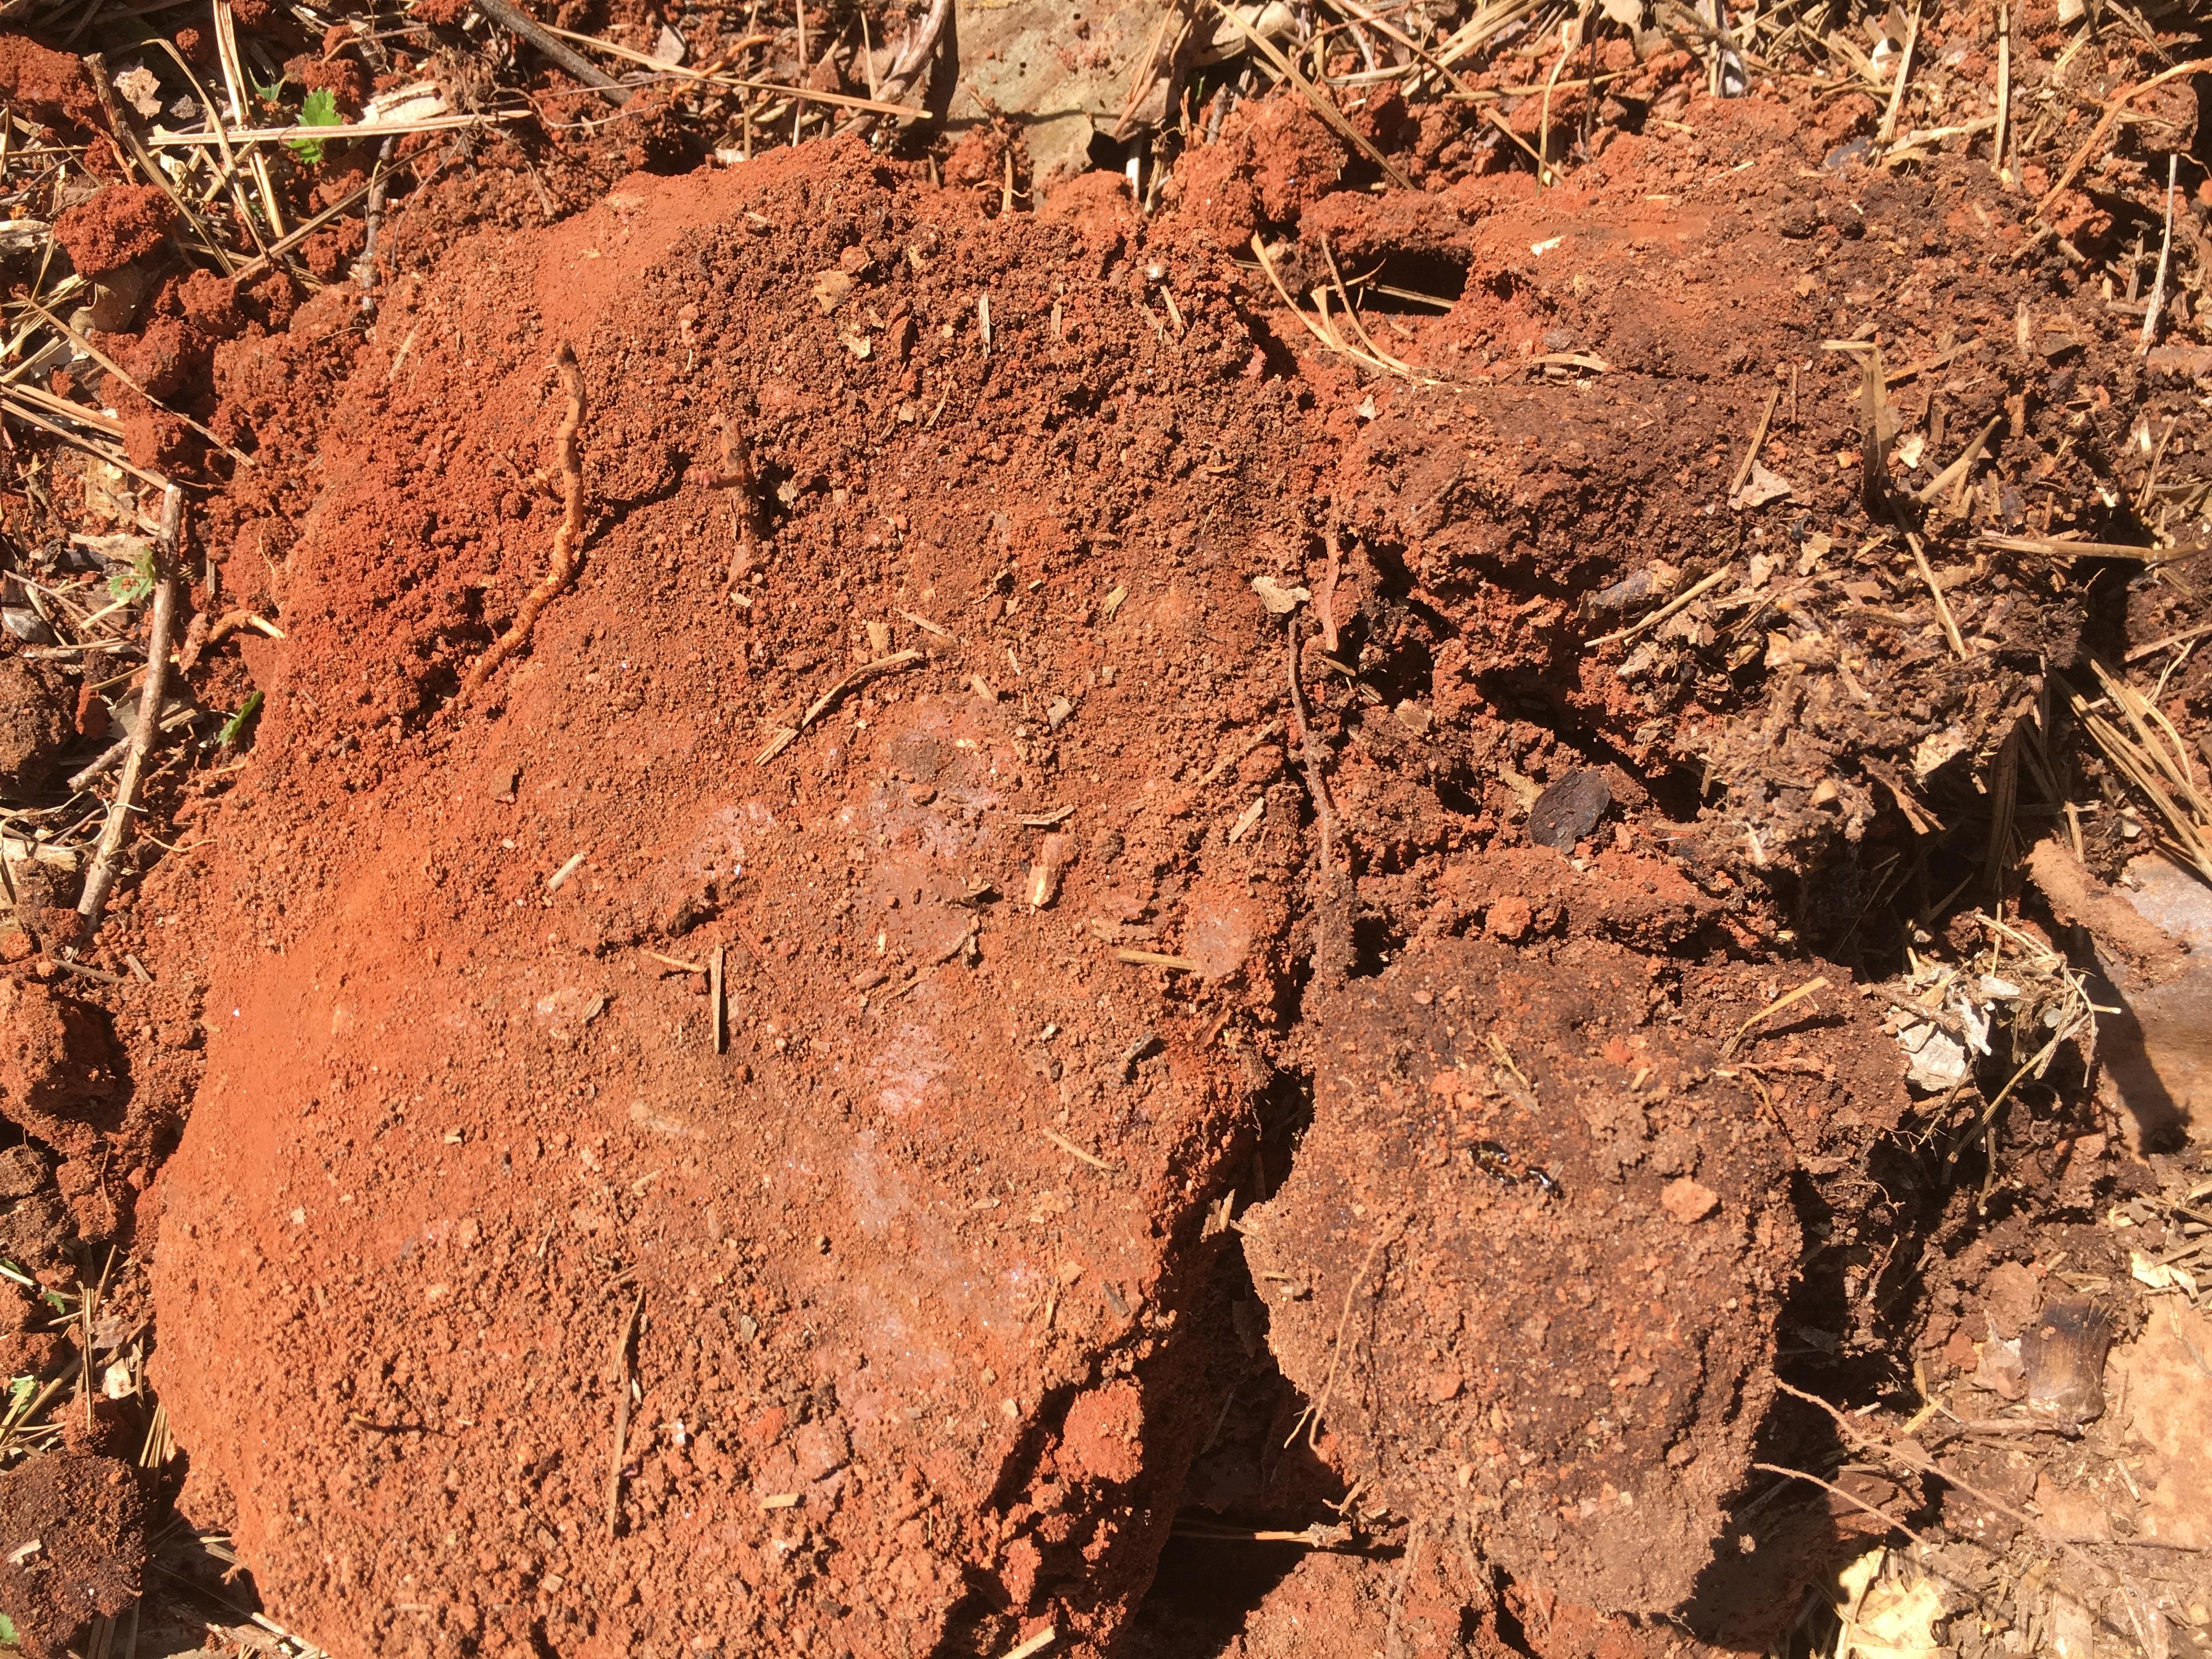 Upland soil